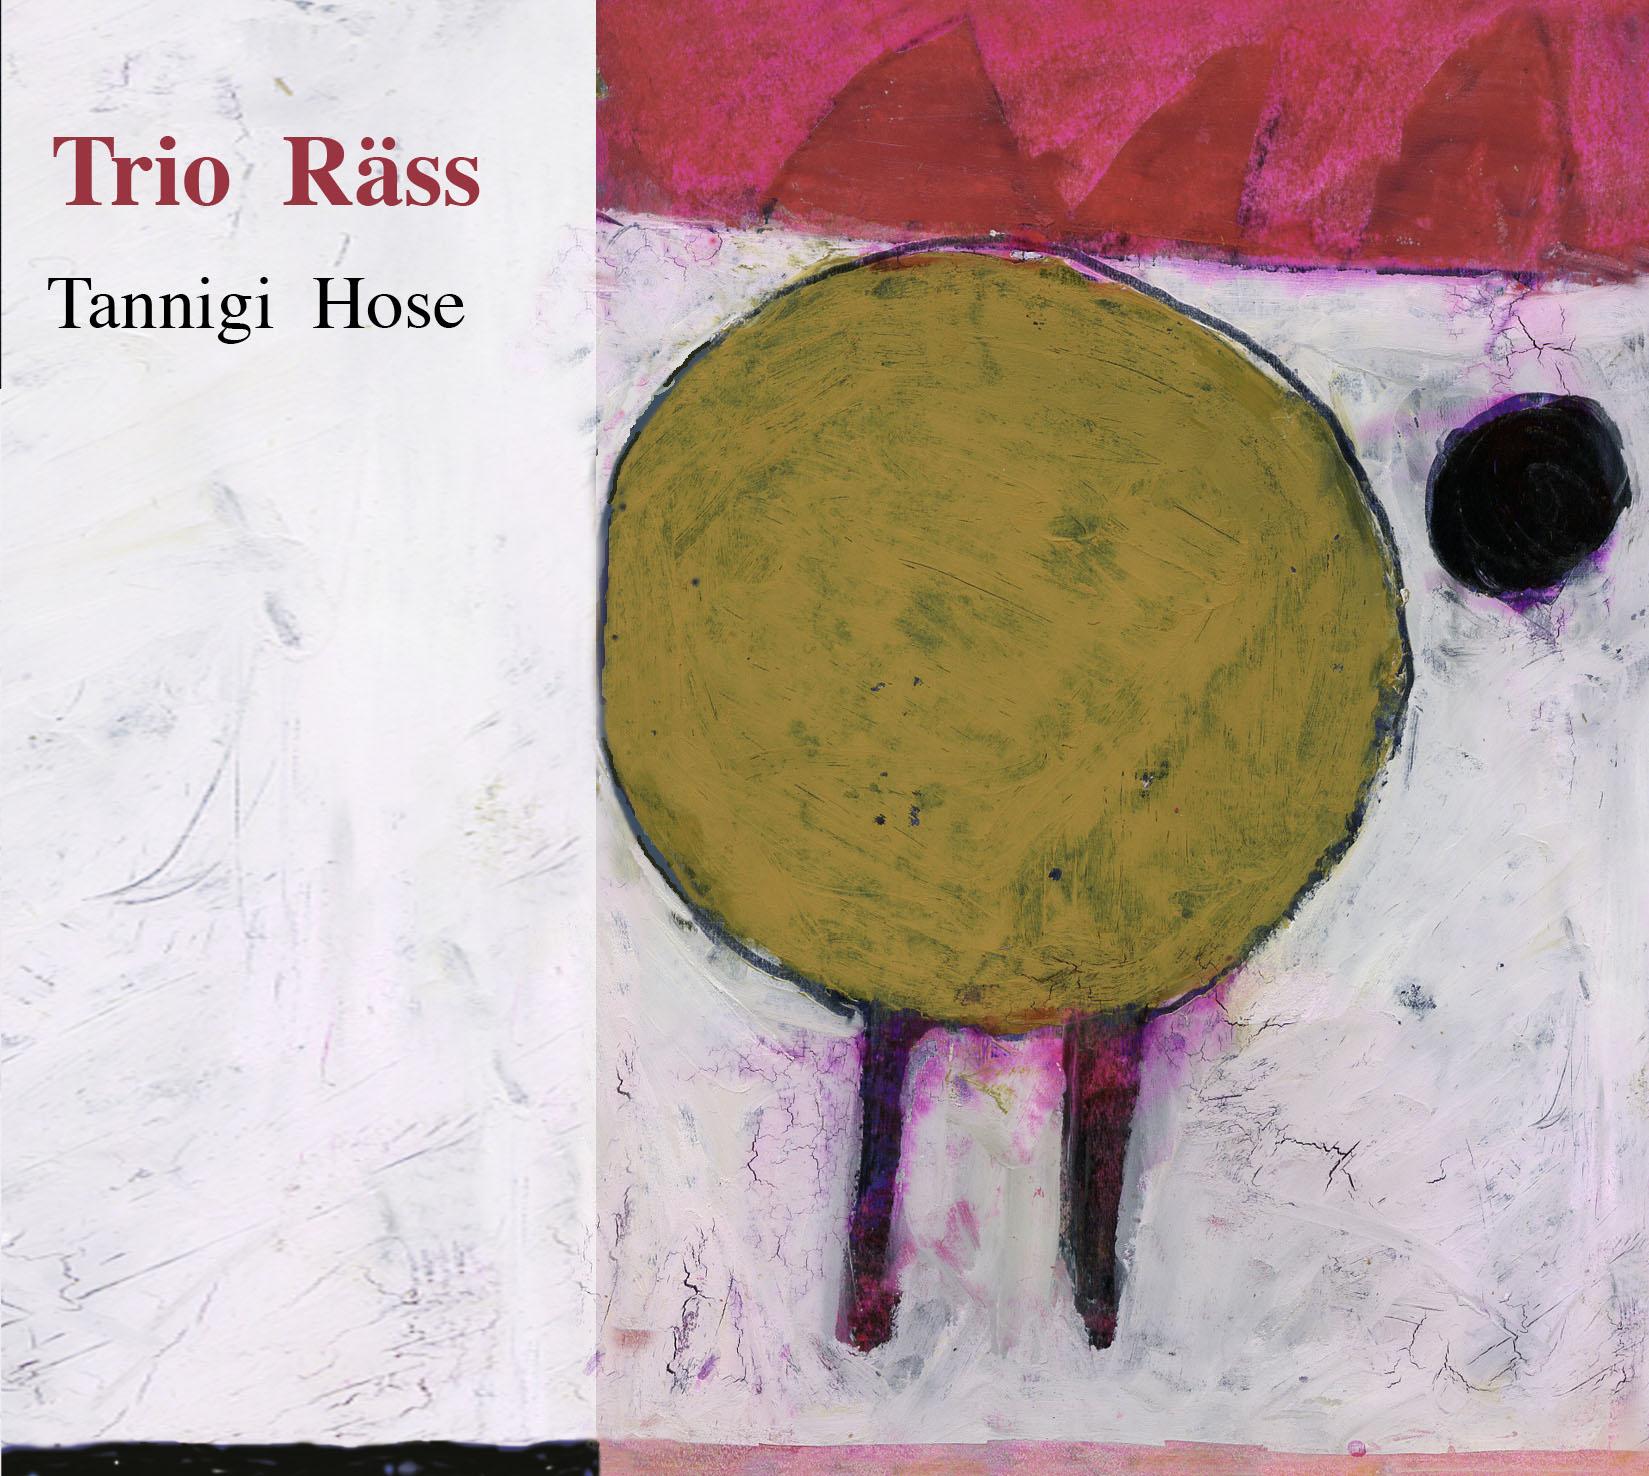 Tannigi Hose (Nyx, 2005)